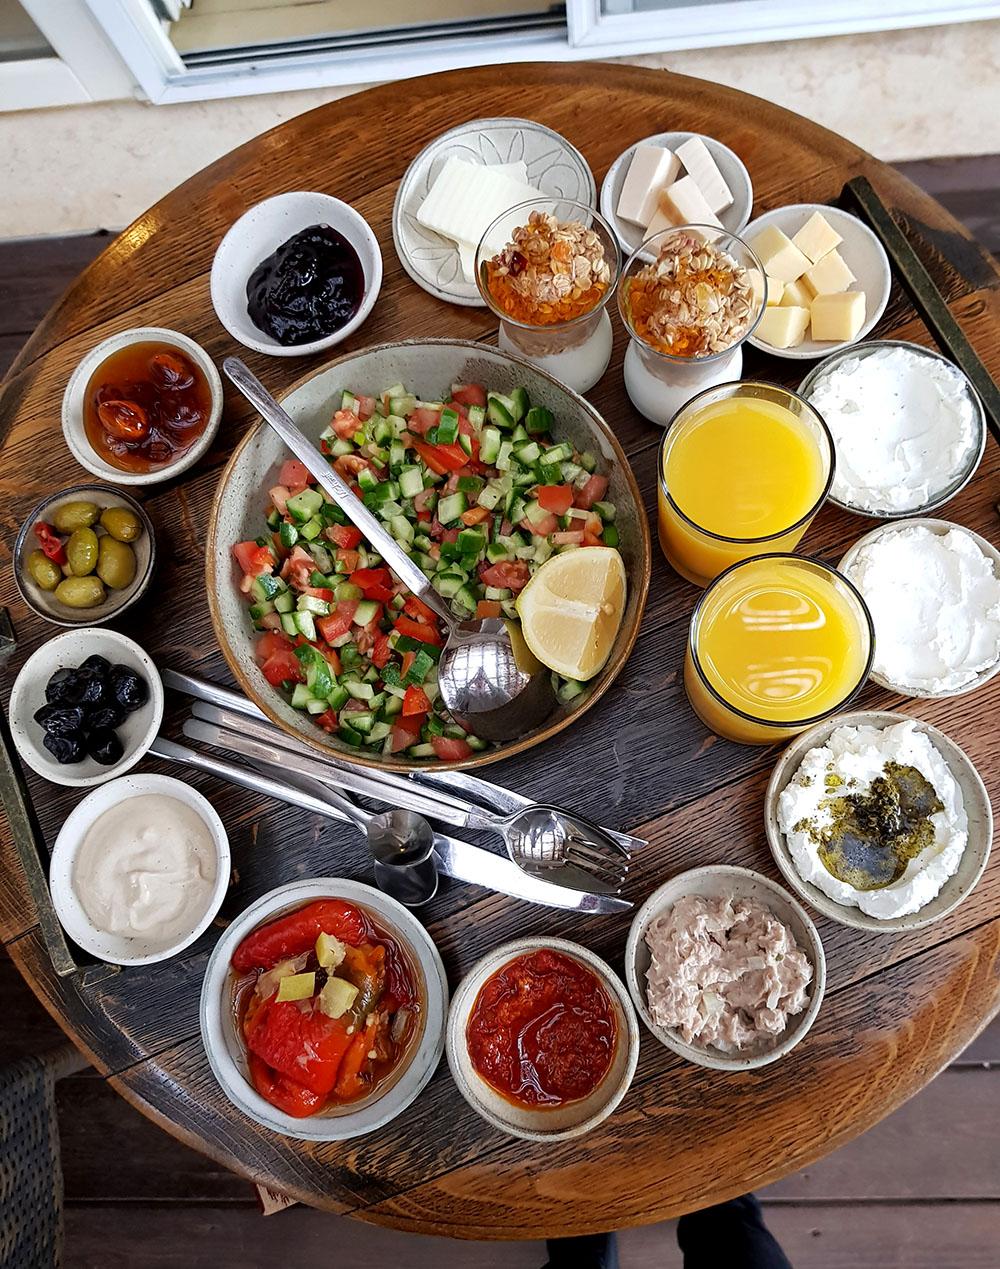 ארוחת בוקר בצימר תמר וגפן